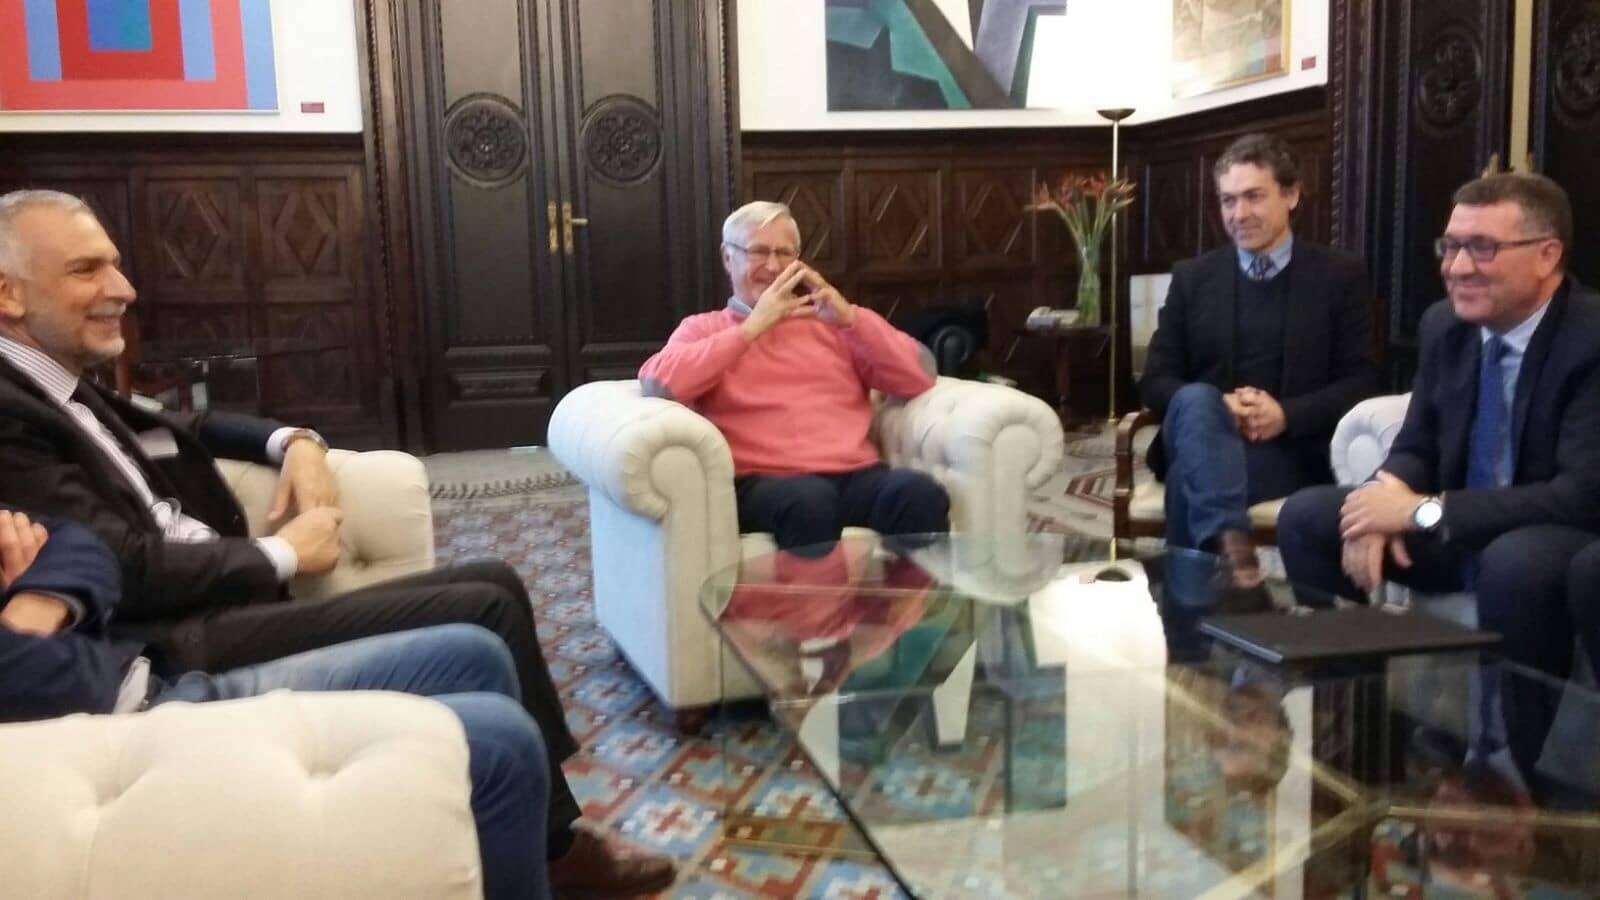 L' homme postmoderne , junto al Alcalde de Valencia y el embajador de Italia en un camino de encuentros y cerrar heridas.